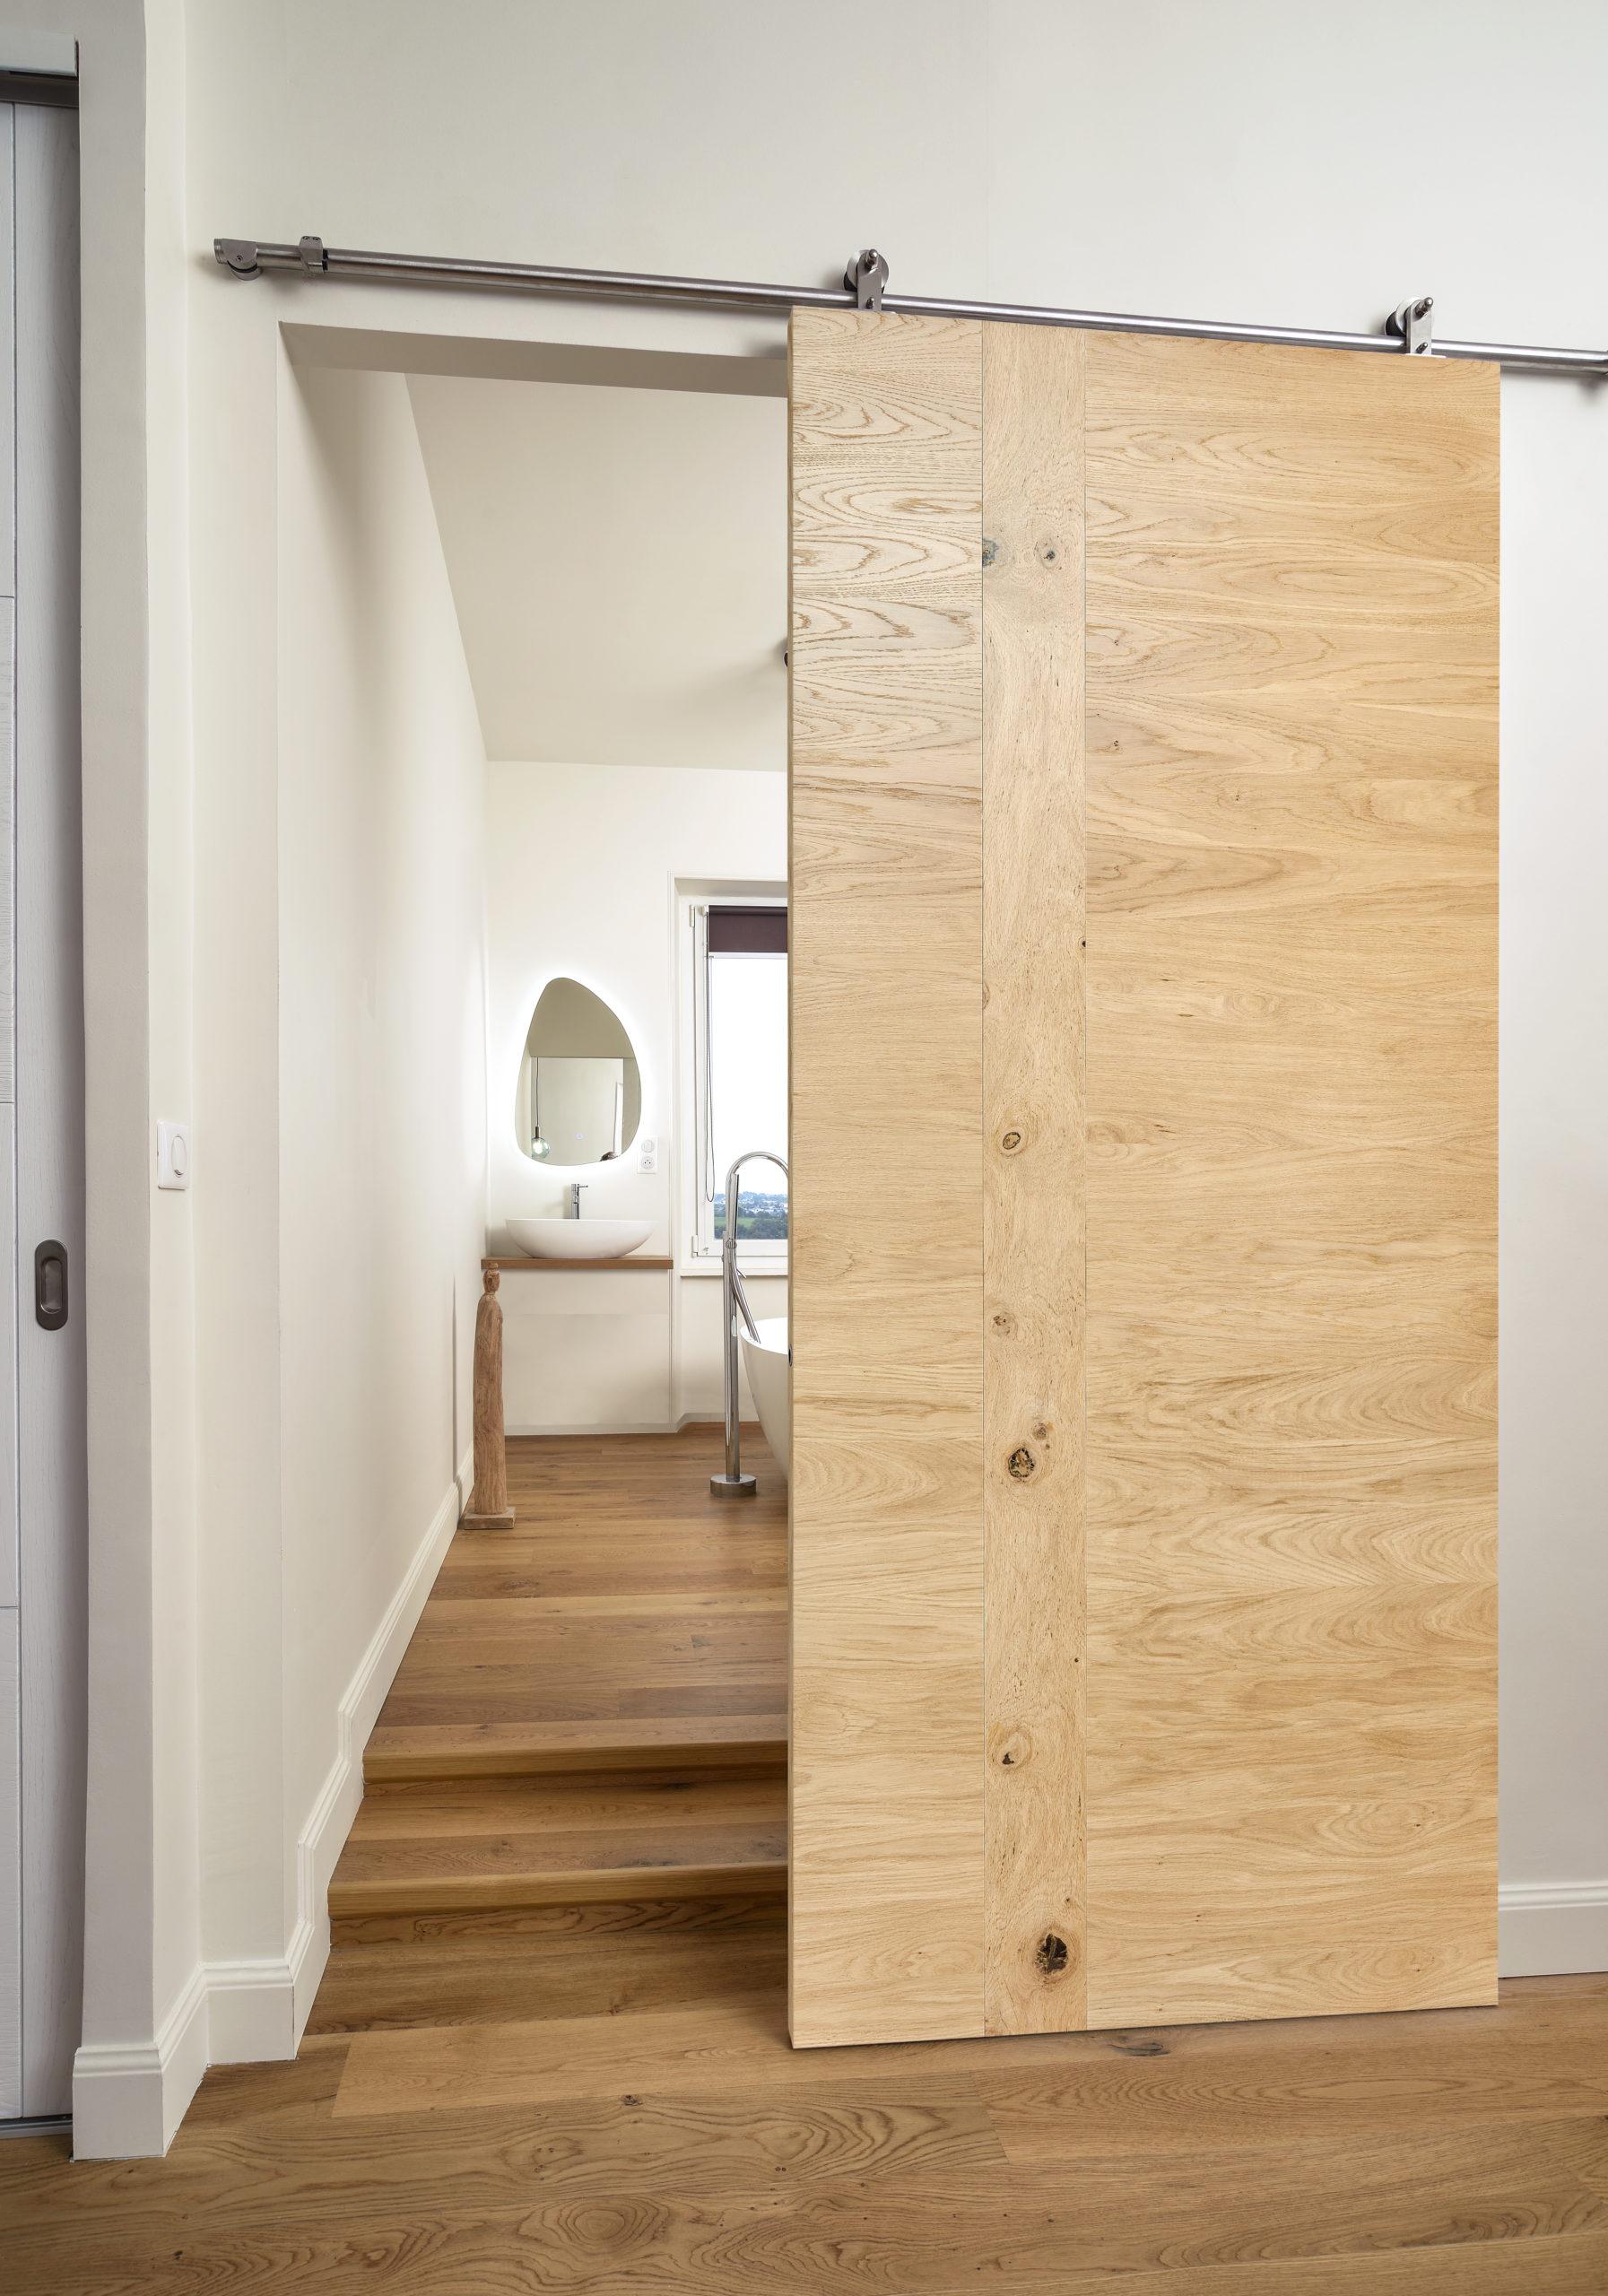 Porte d'intérieur Signature bois authentique